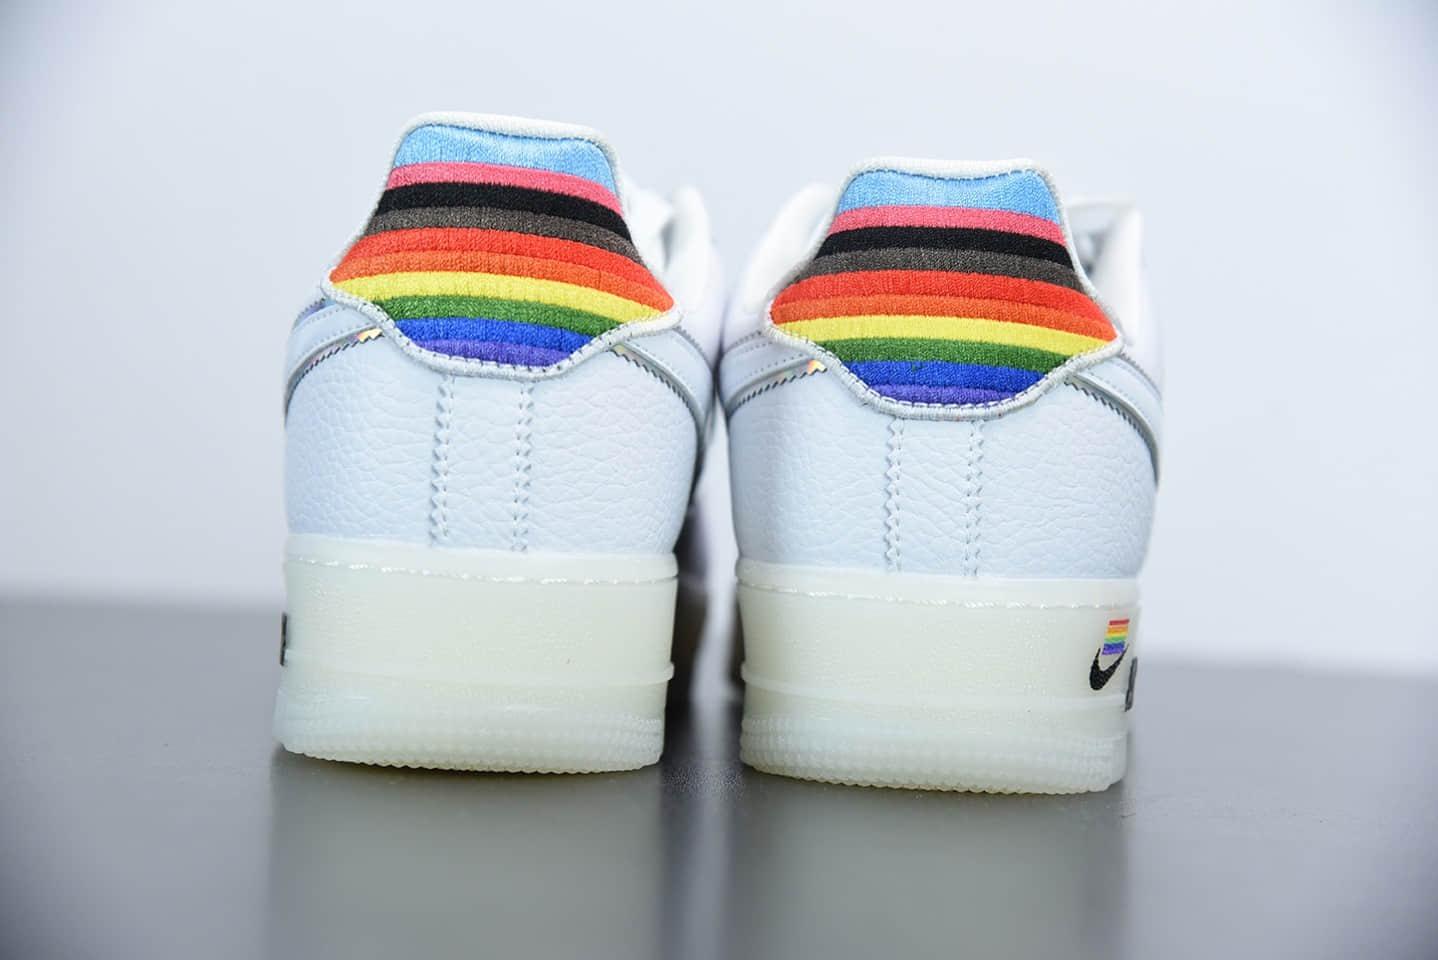 耐克Nike Air Force 1 Betrue彩虹空军一号低帮休闲运动板鞋纯原版本 货号:CV0258-100